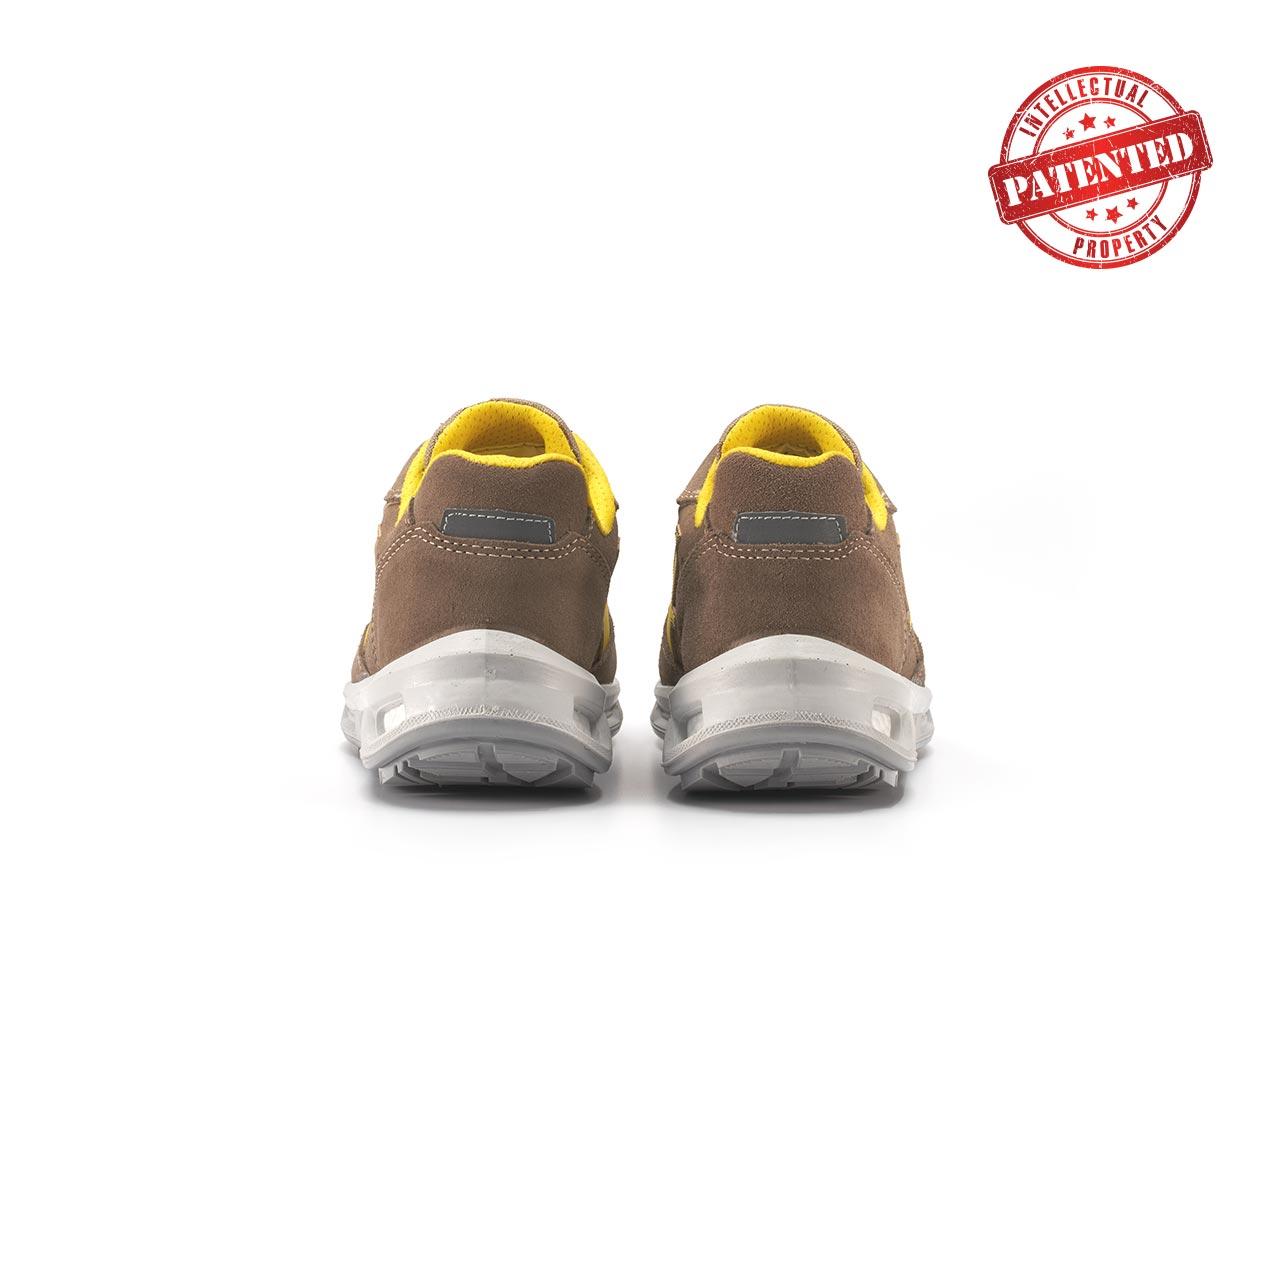 paio di scarpe antinfortunistiche upower modello adventure linea redlion vista retro